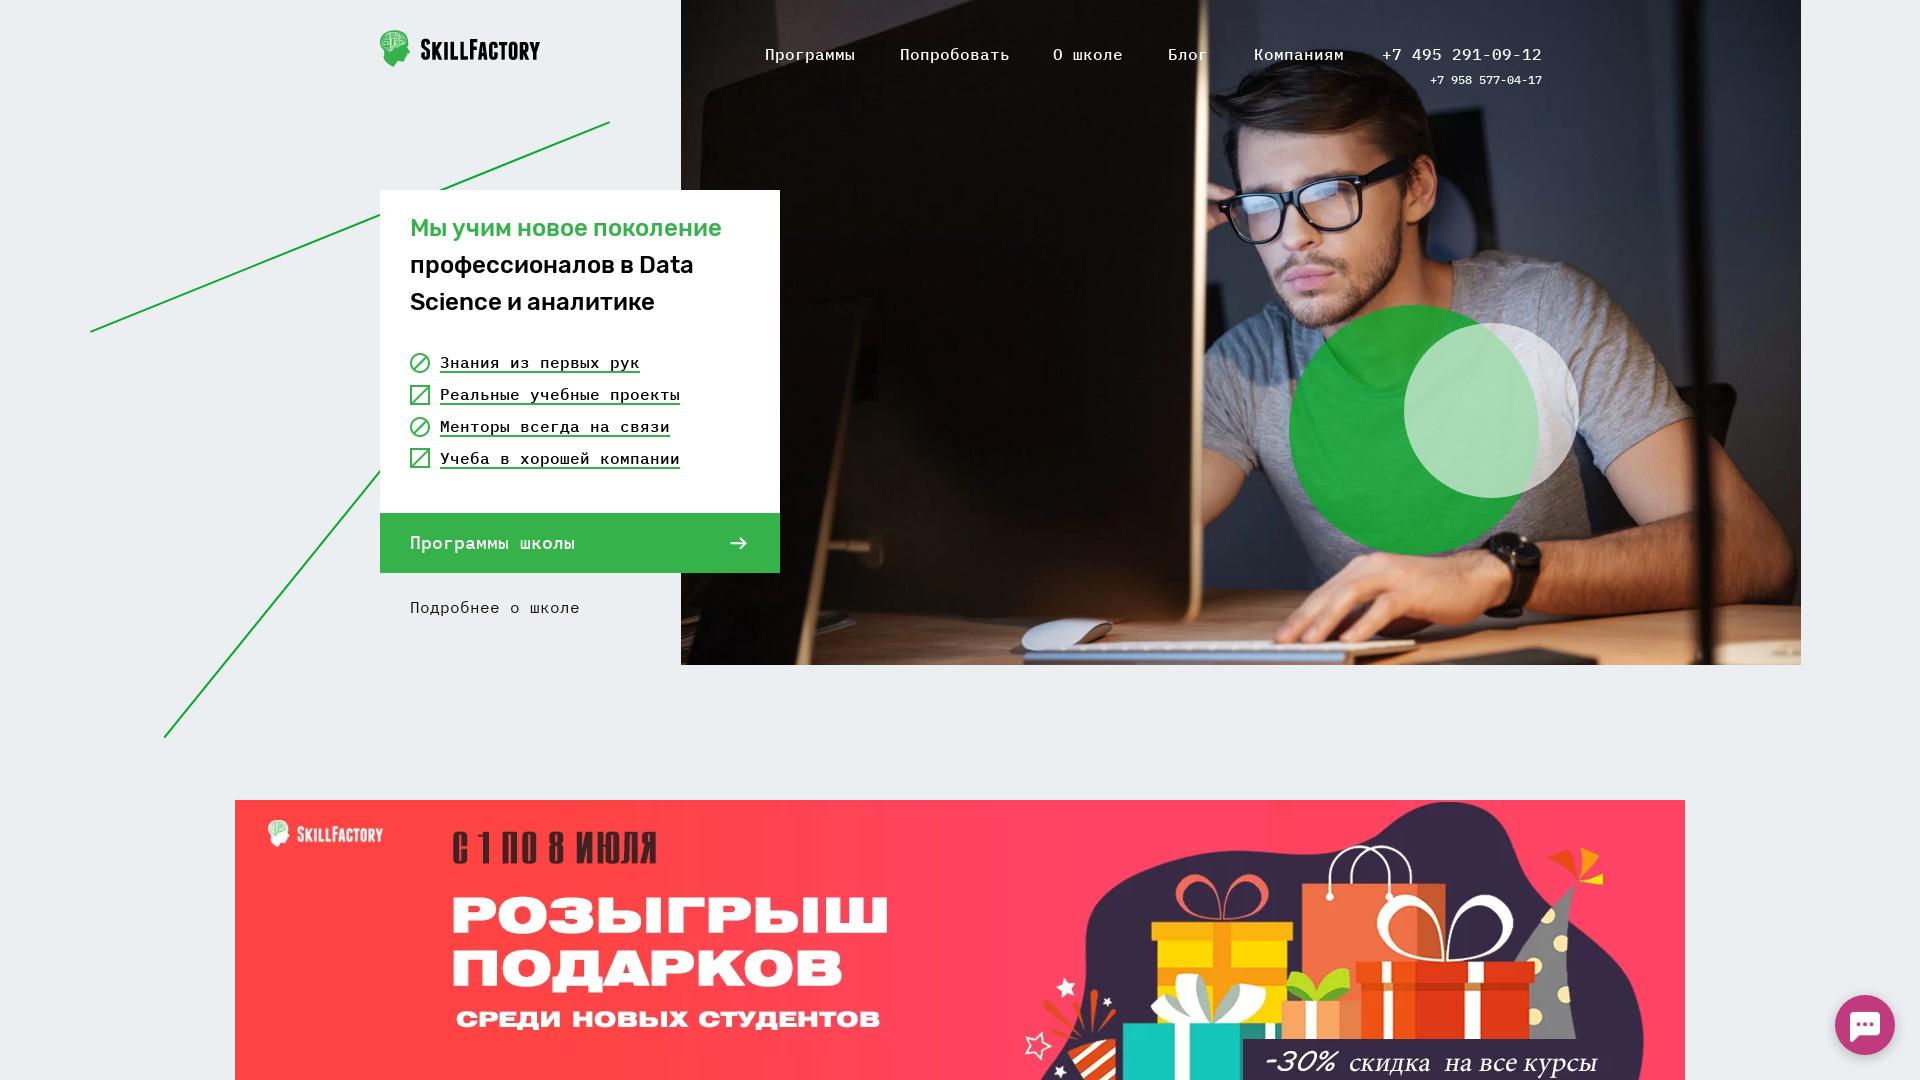 Skillfactory.ru website